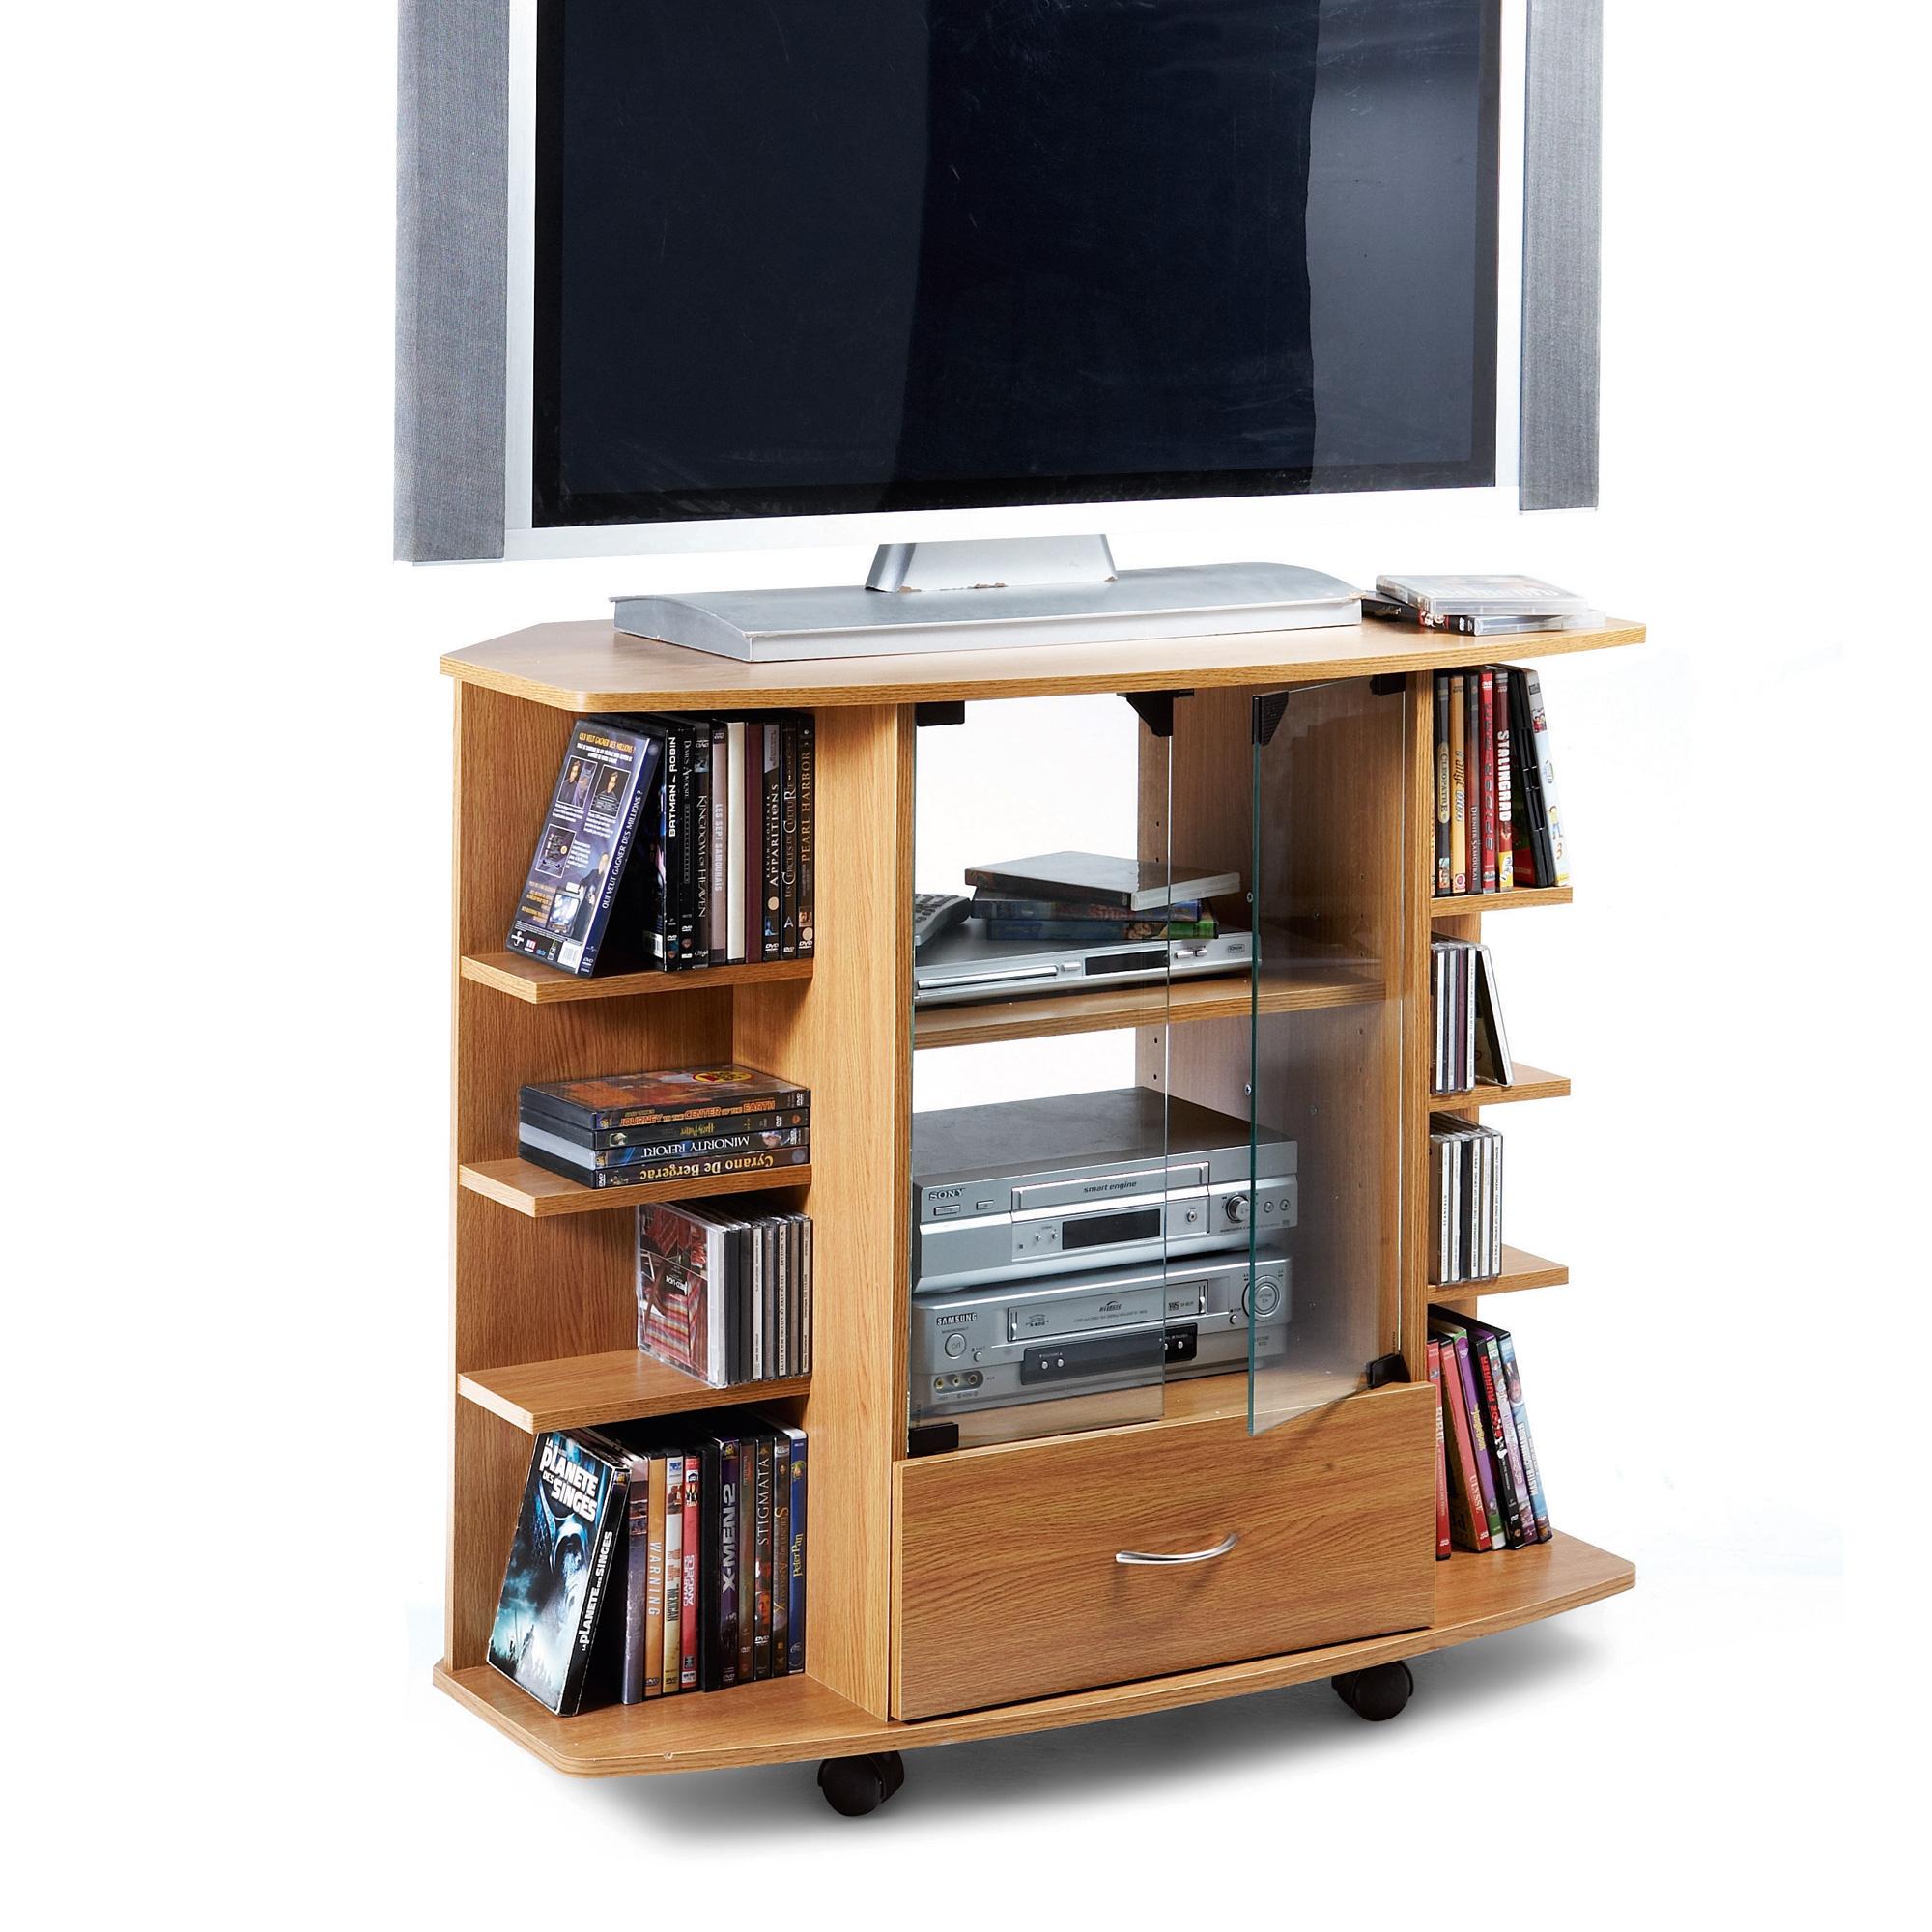 table de ferme 180 cm brume brut anniversaire 40 ans acheter ce produit au meilleur prix. Black Bedroom Furniture Sets. Home Design Ideas